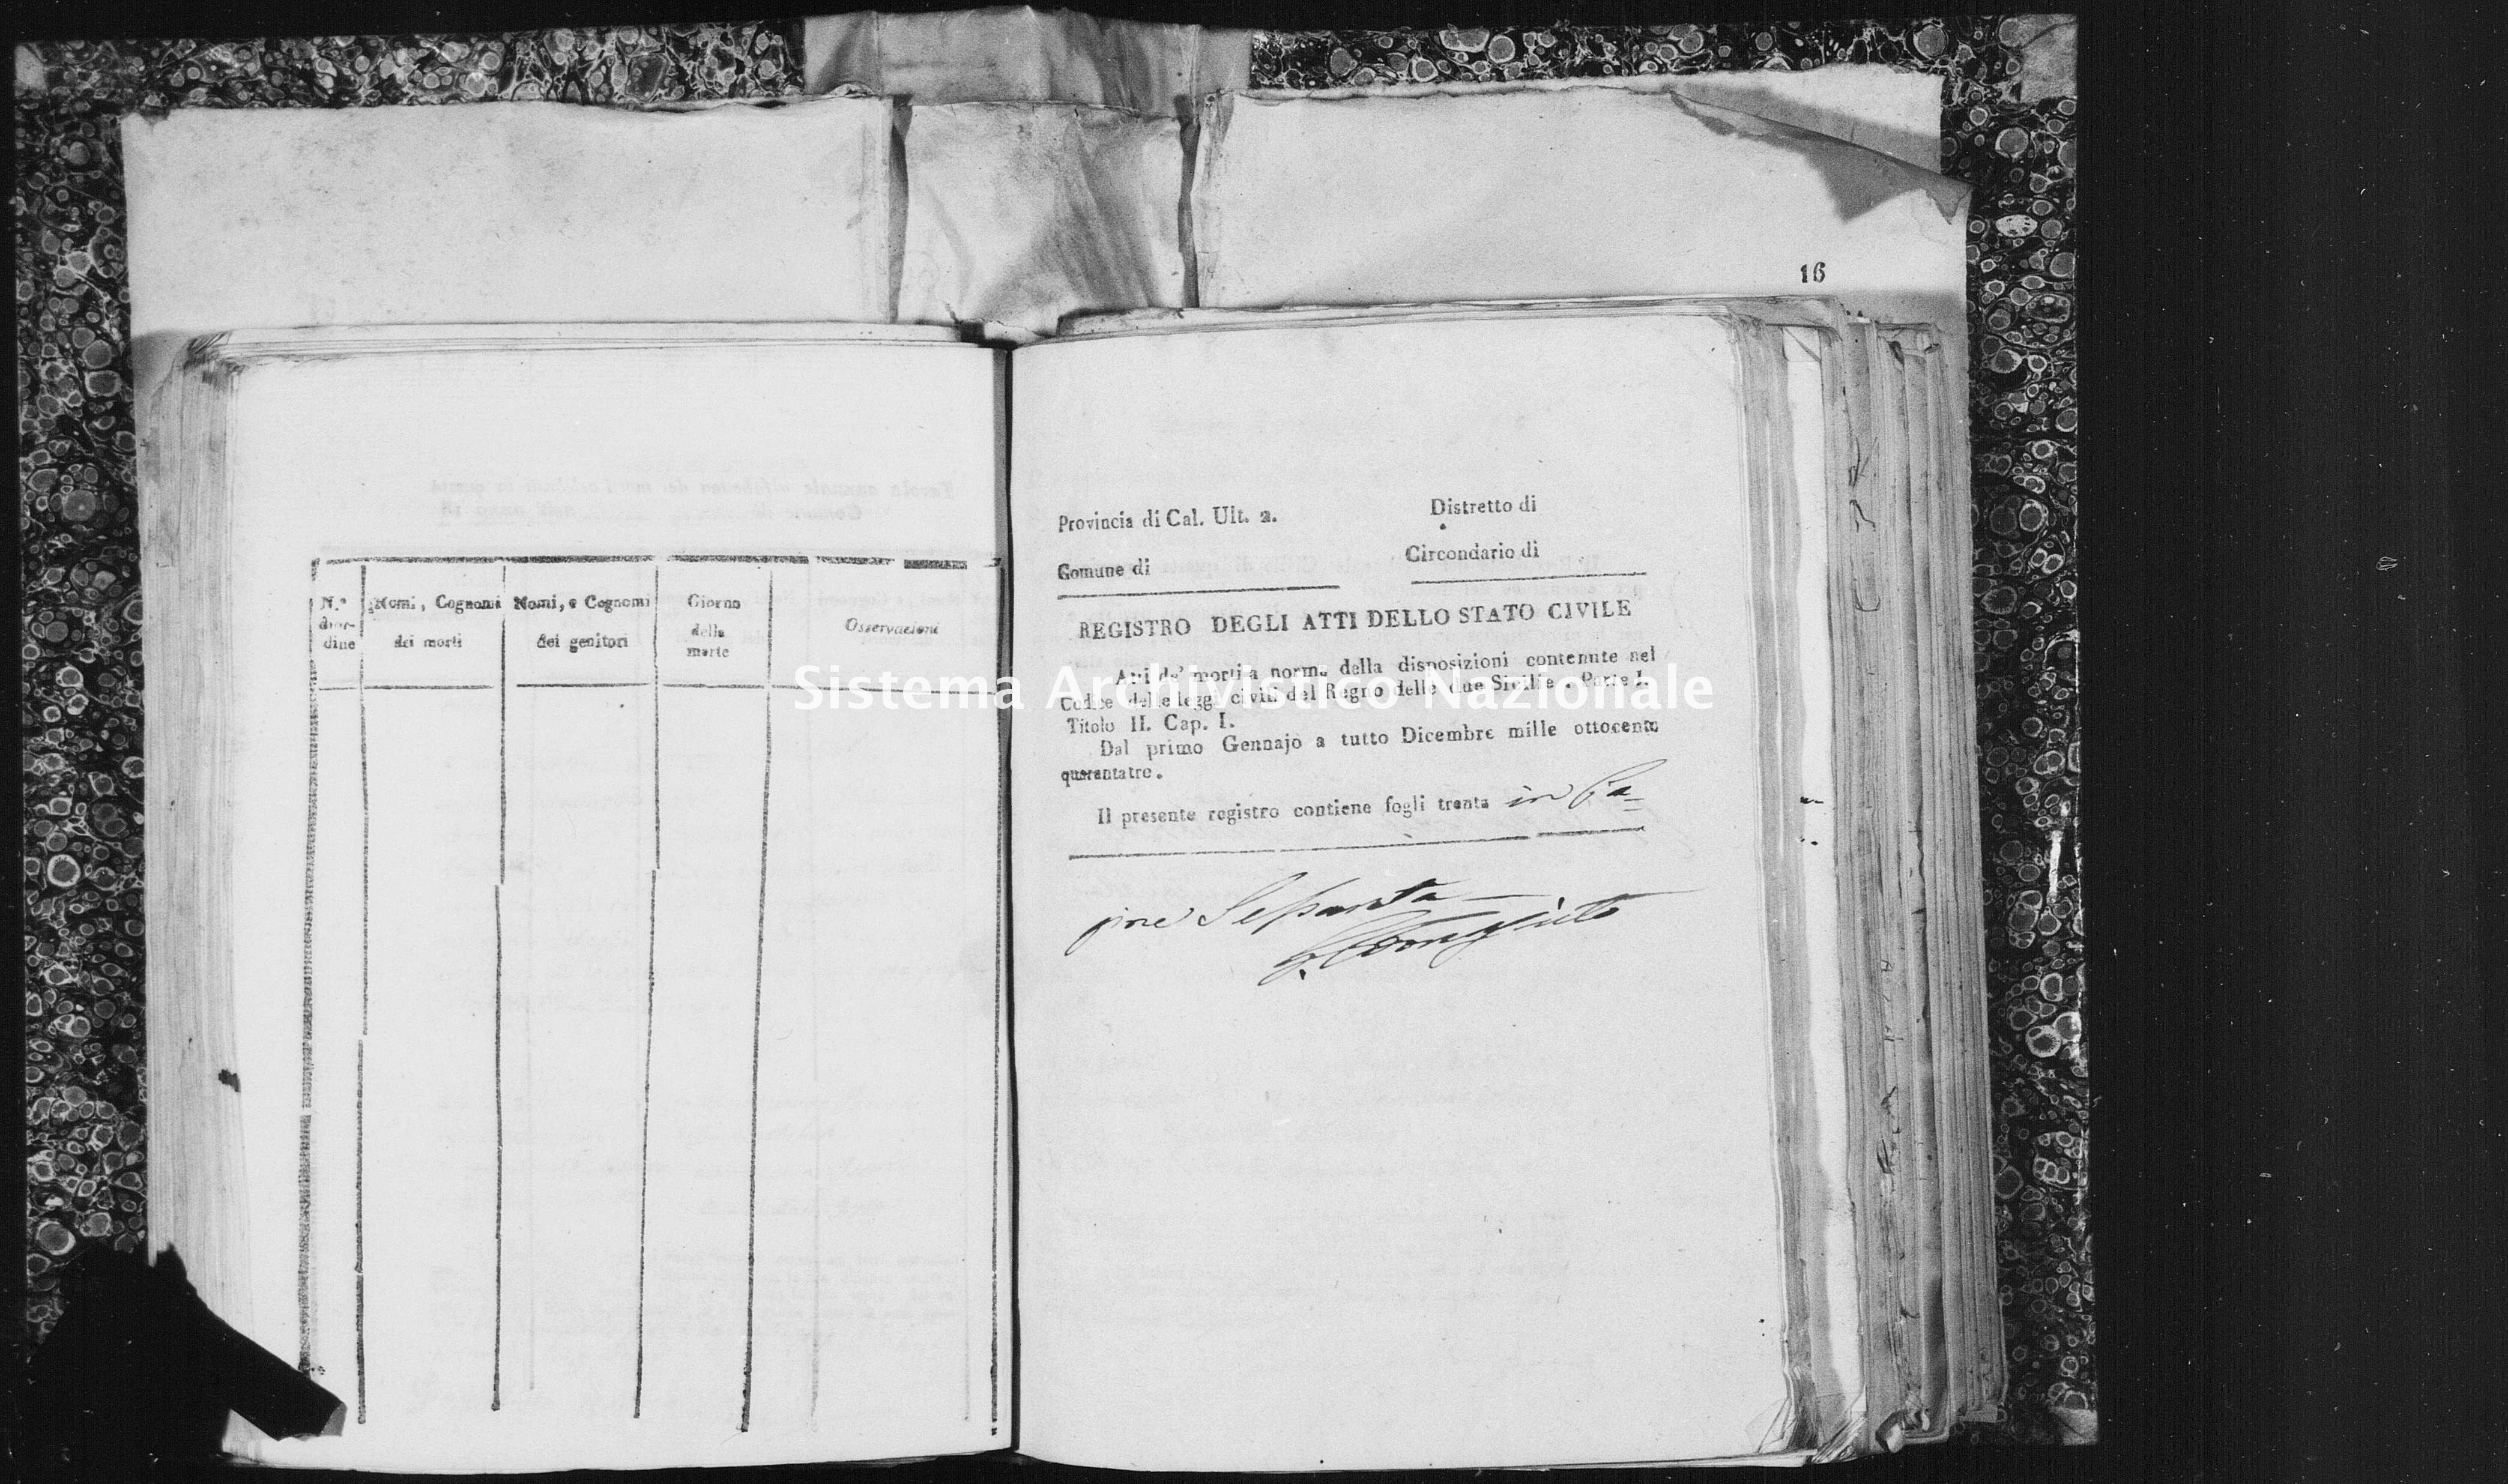 Archivio di stato di Catanzaro - Stato civile italiano - Isola Capo Rizzuto - Morti - 18/05/1843-31/12/1843 - 1458 -